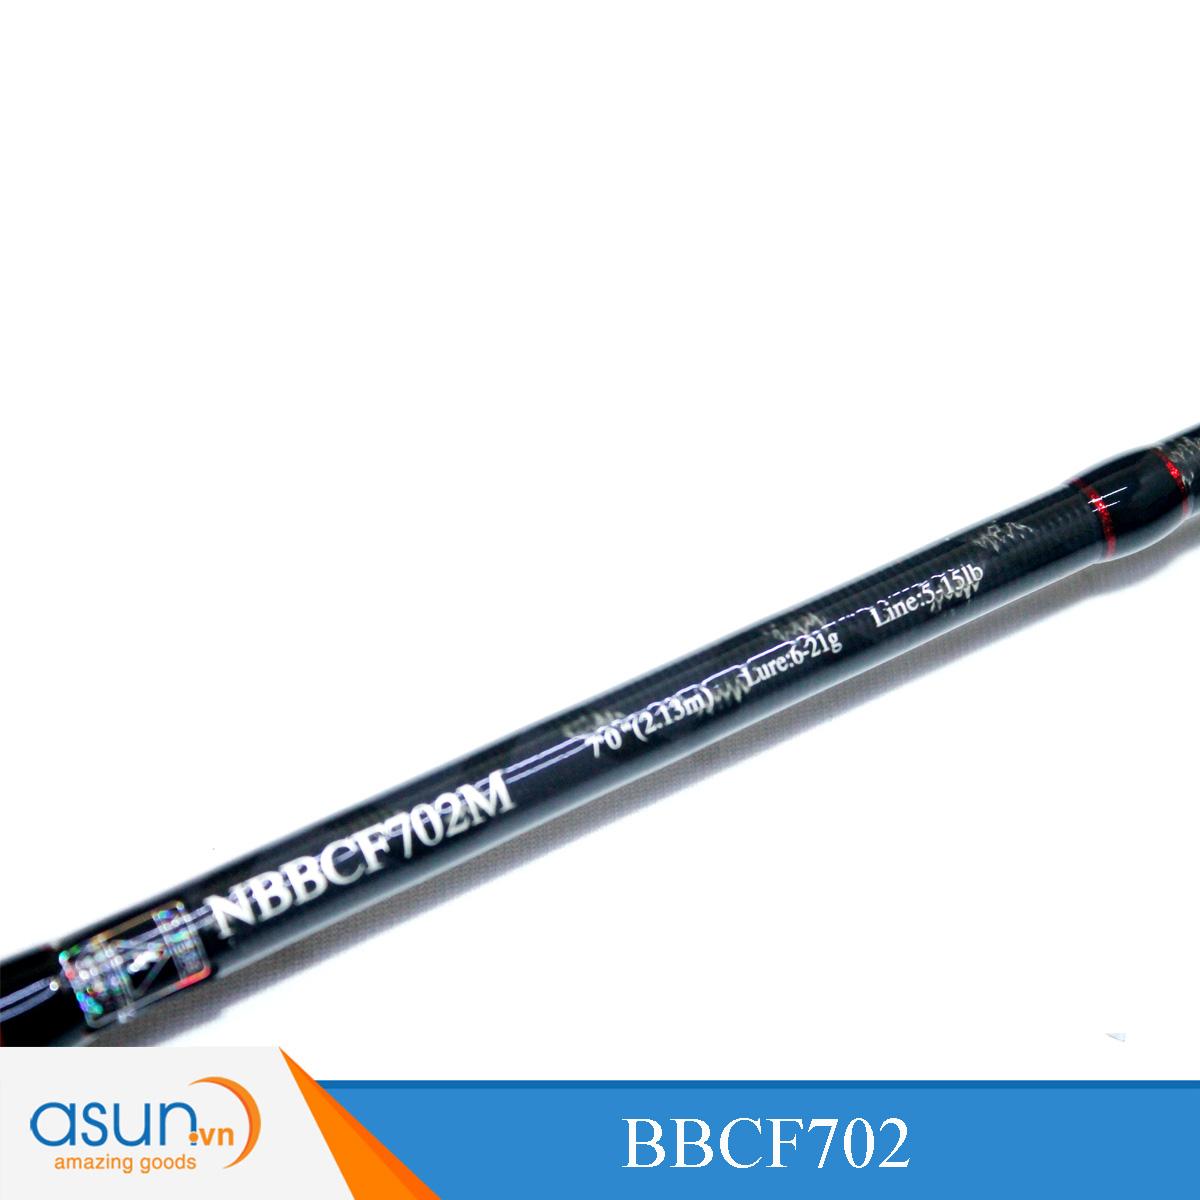 Combo Trọn Bộ Cần Câu Máy Ngang - Noeby - BBCF702 - LC1000R - Dây - Mồi Giả